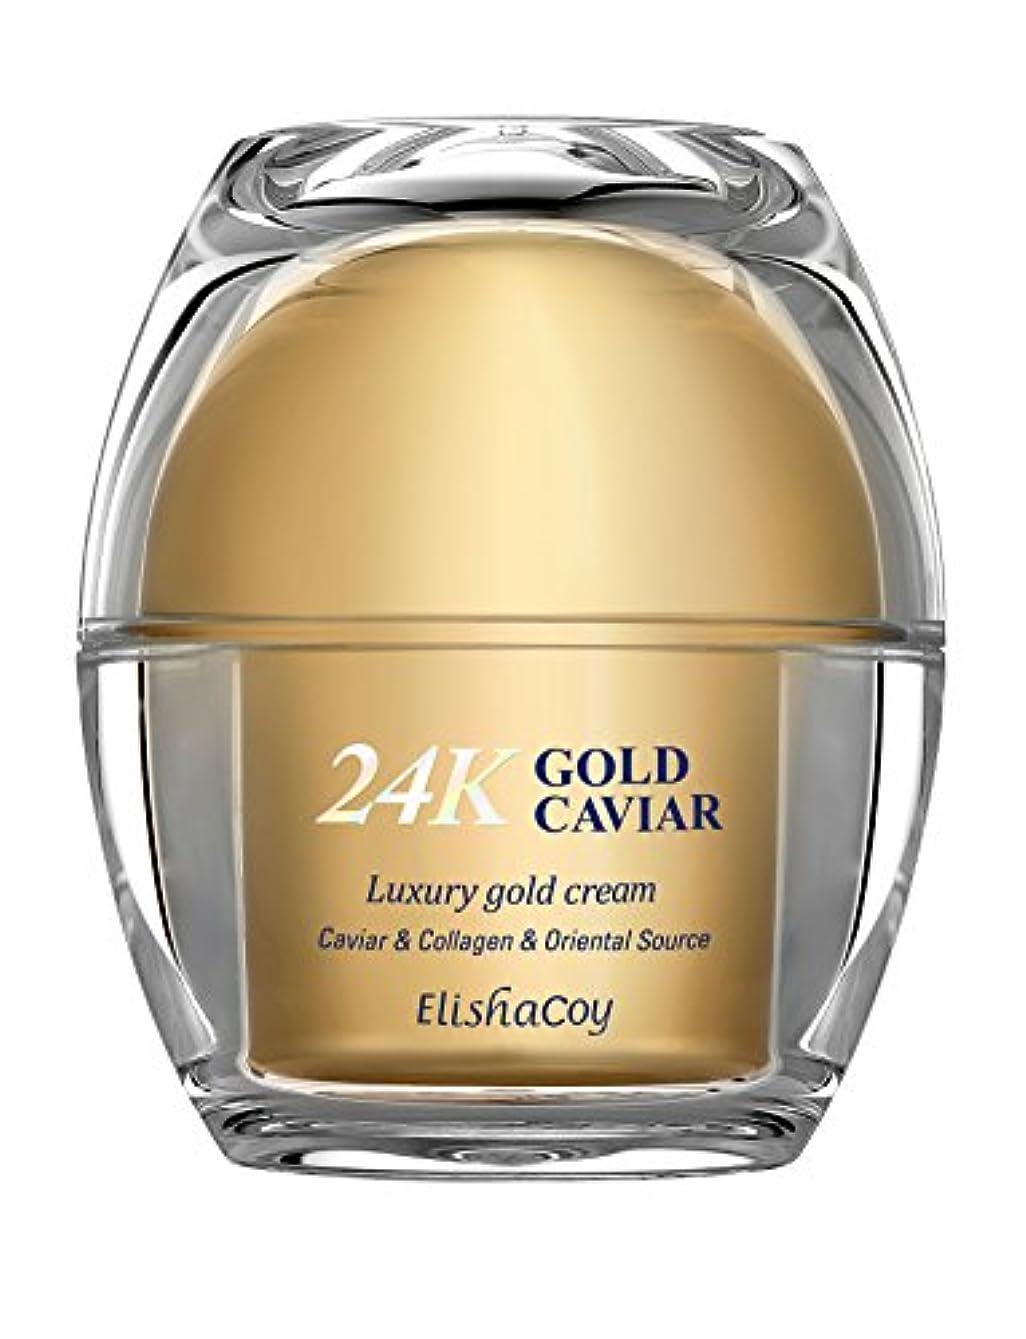 予想する勧告植物学保湿クリーム エリシャコイ24Kゴールドキャビアクリーム50g